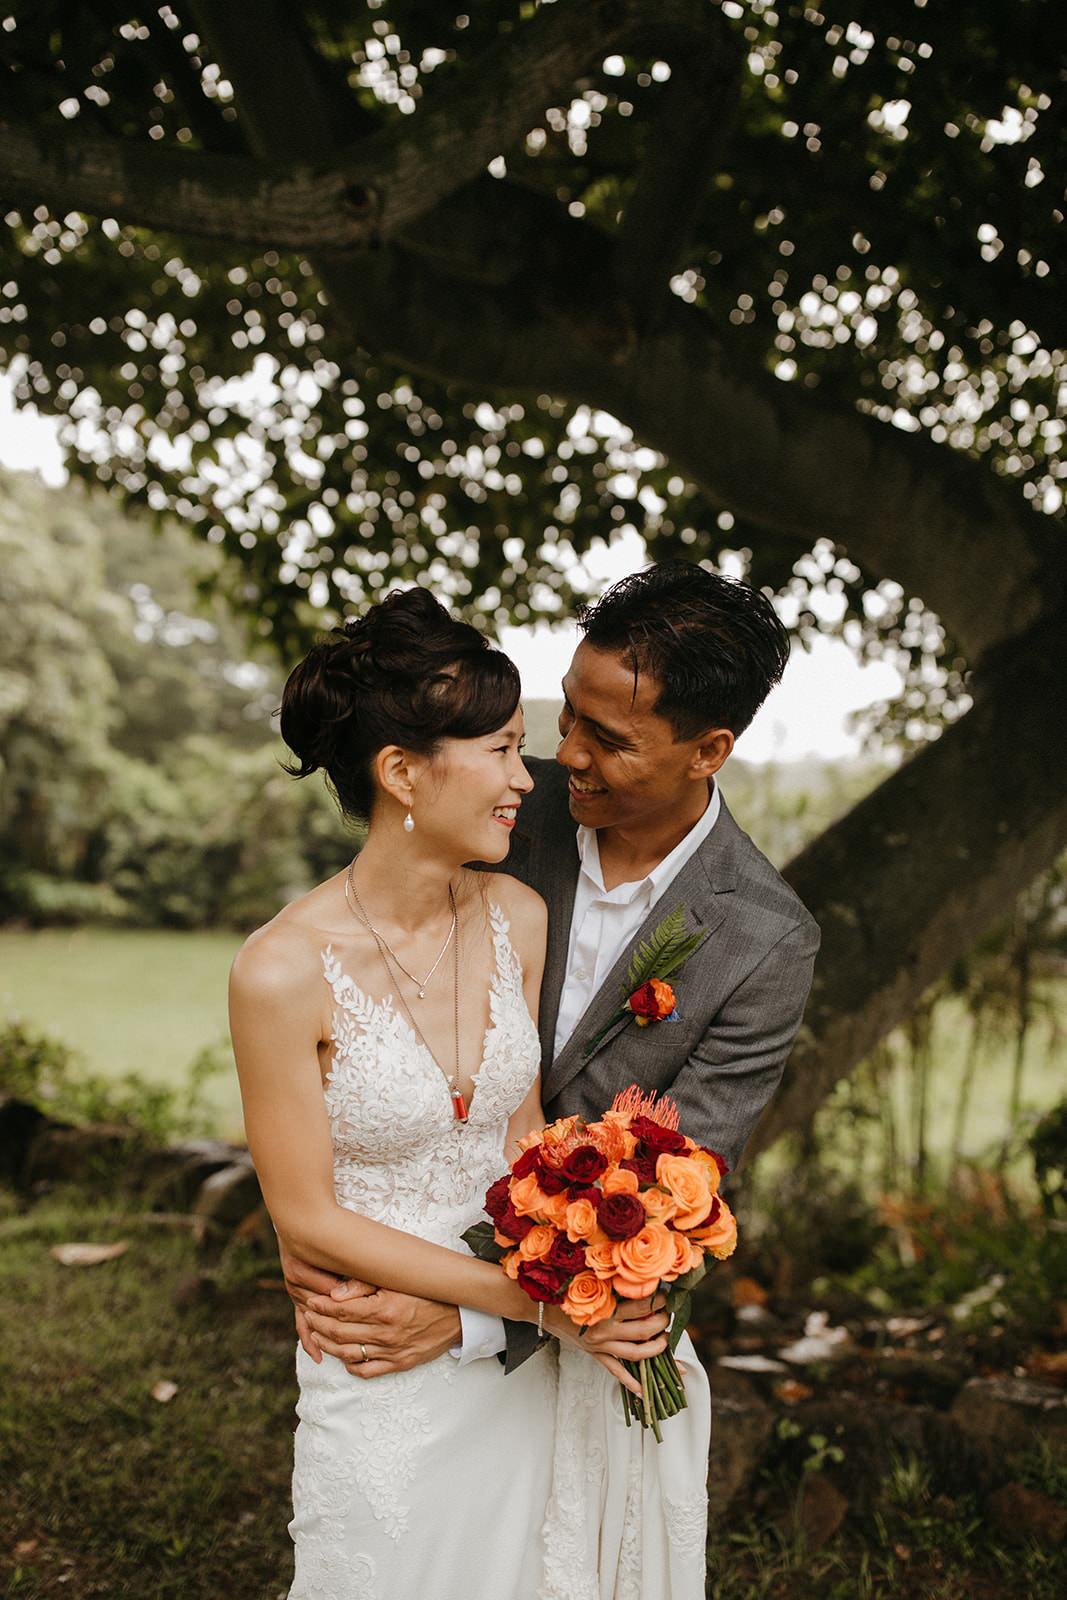 Kualoa_Hawaii_wedding_paliku29.jpg